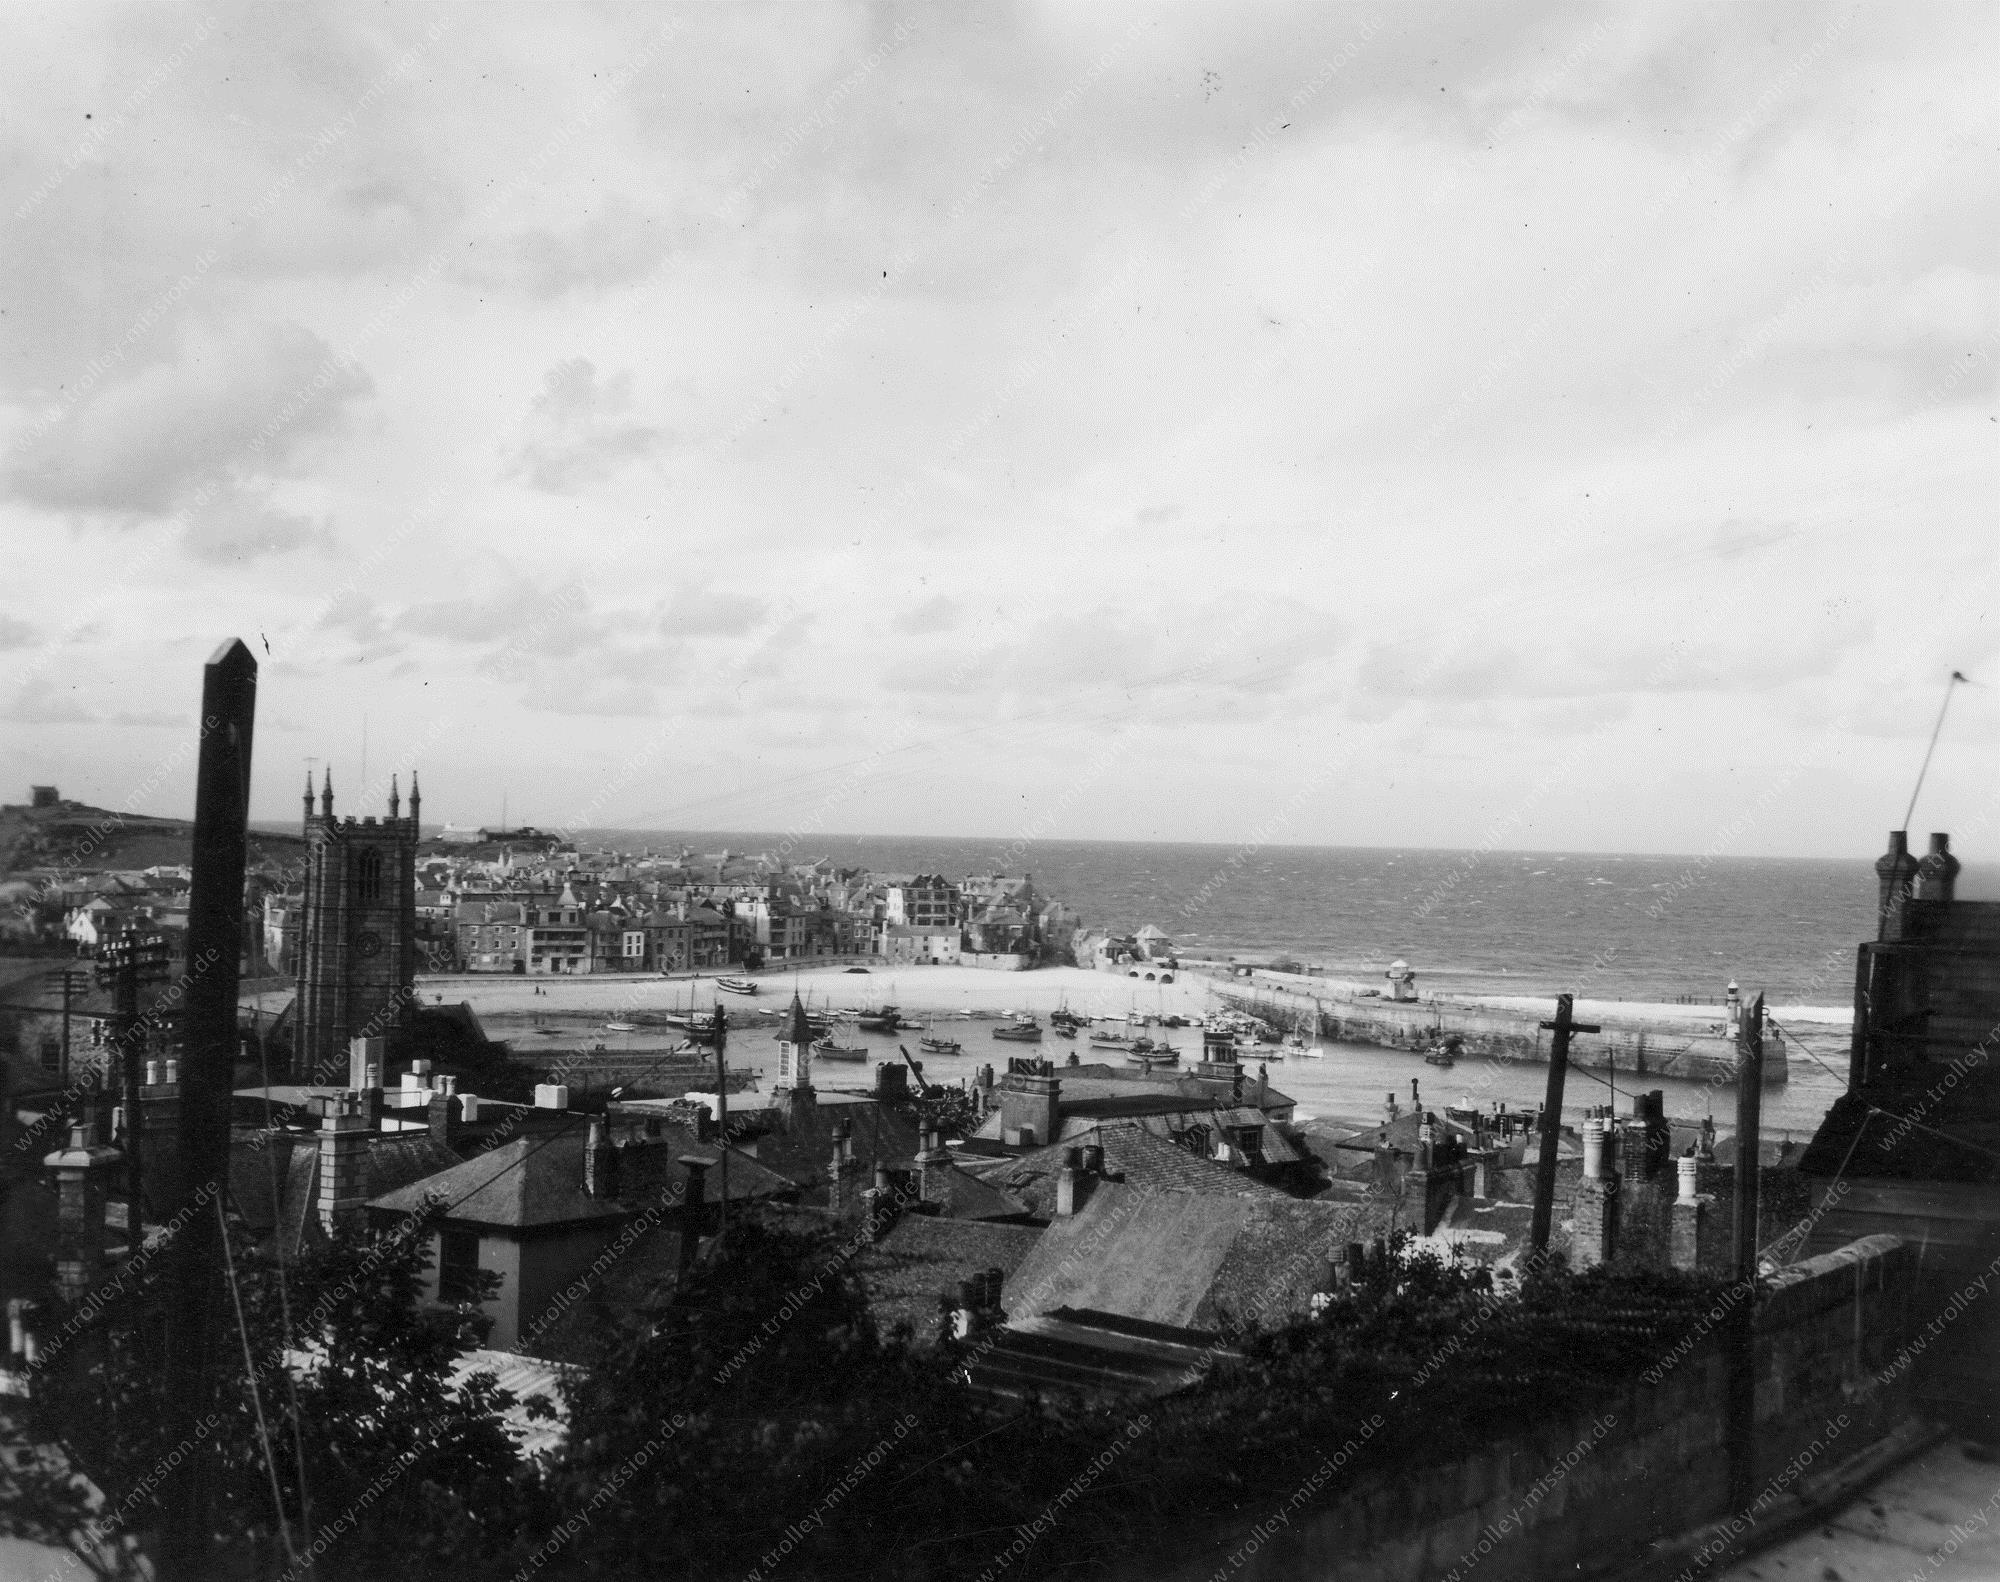 Unbekanntes Bild Englischer Hafen oder Französischer Hafen